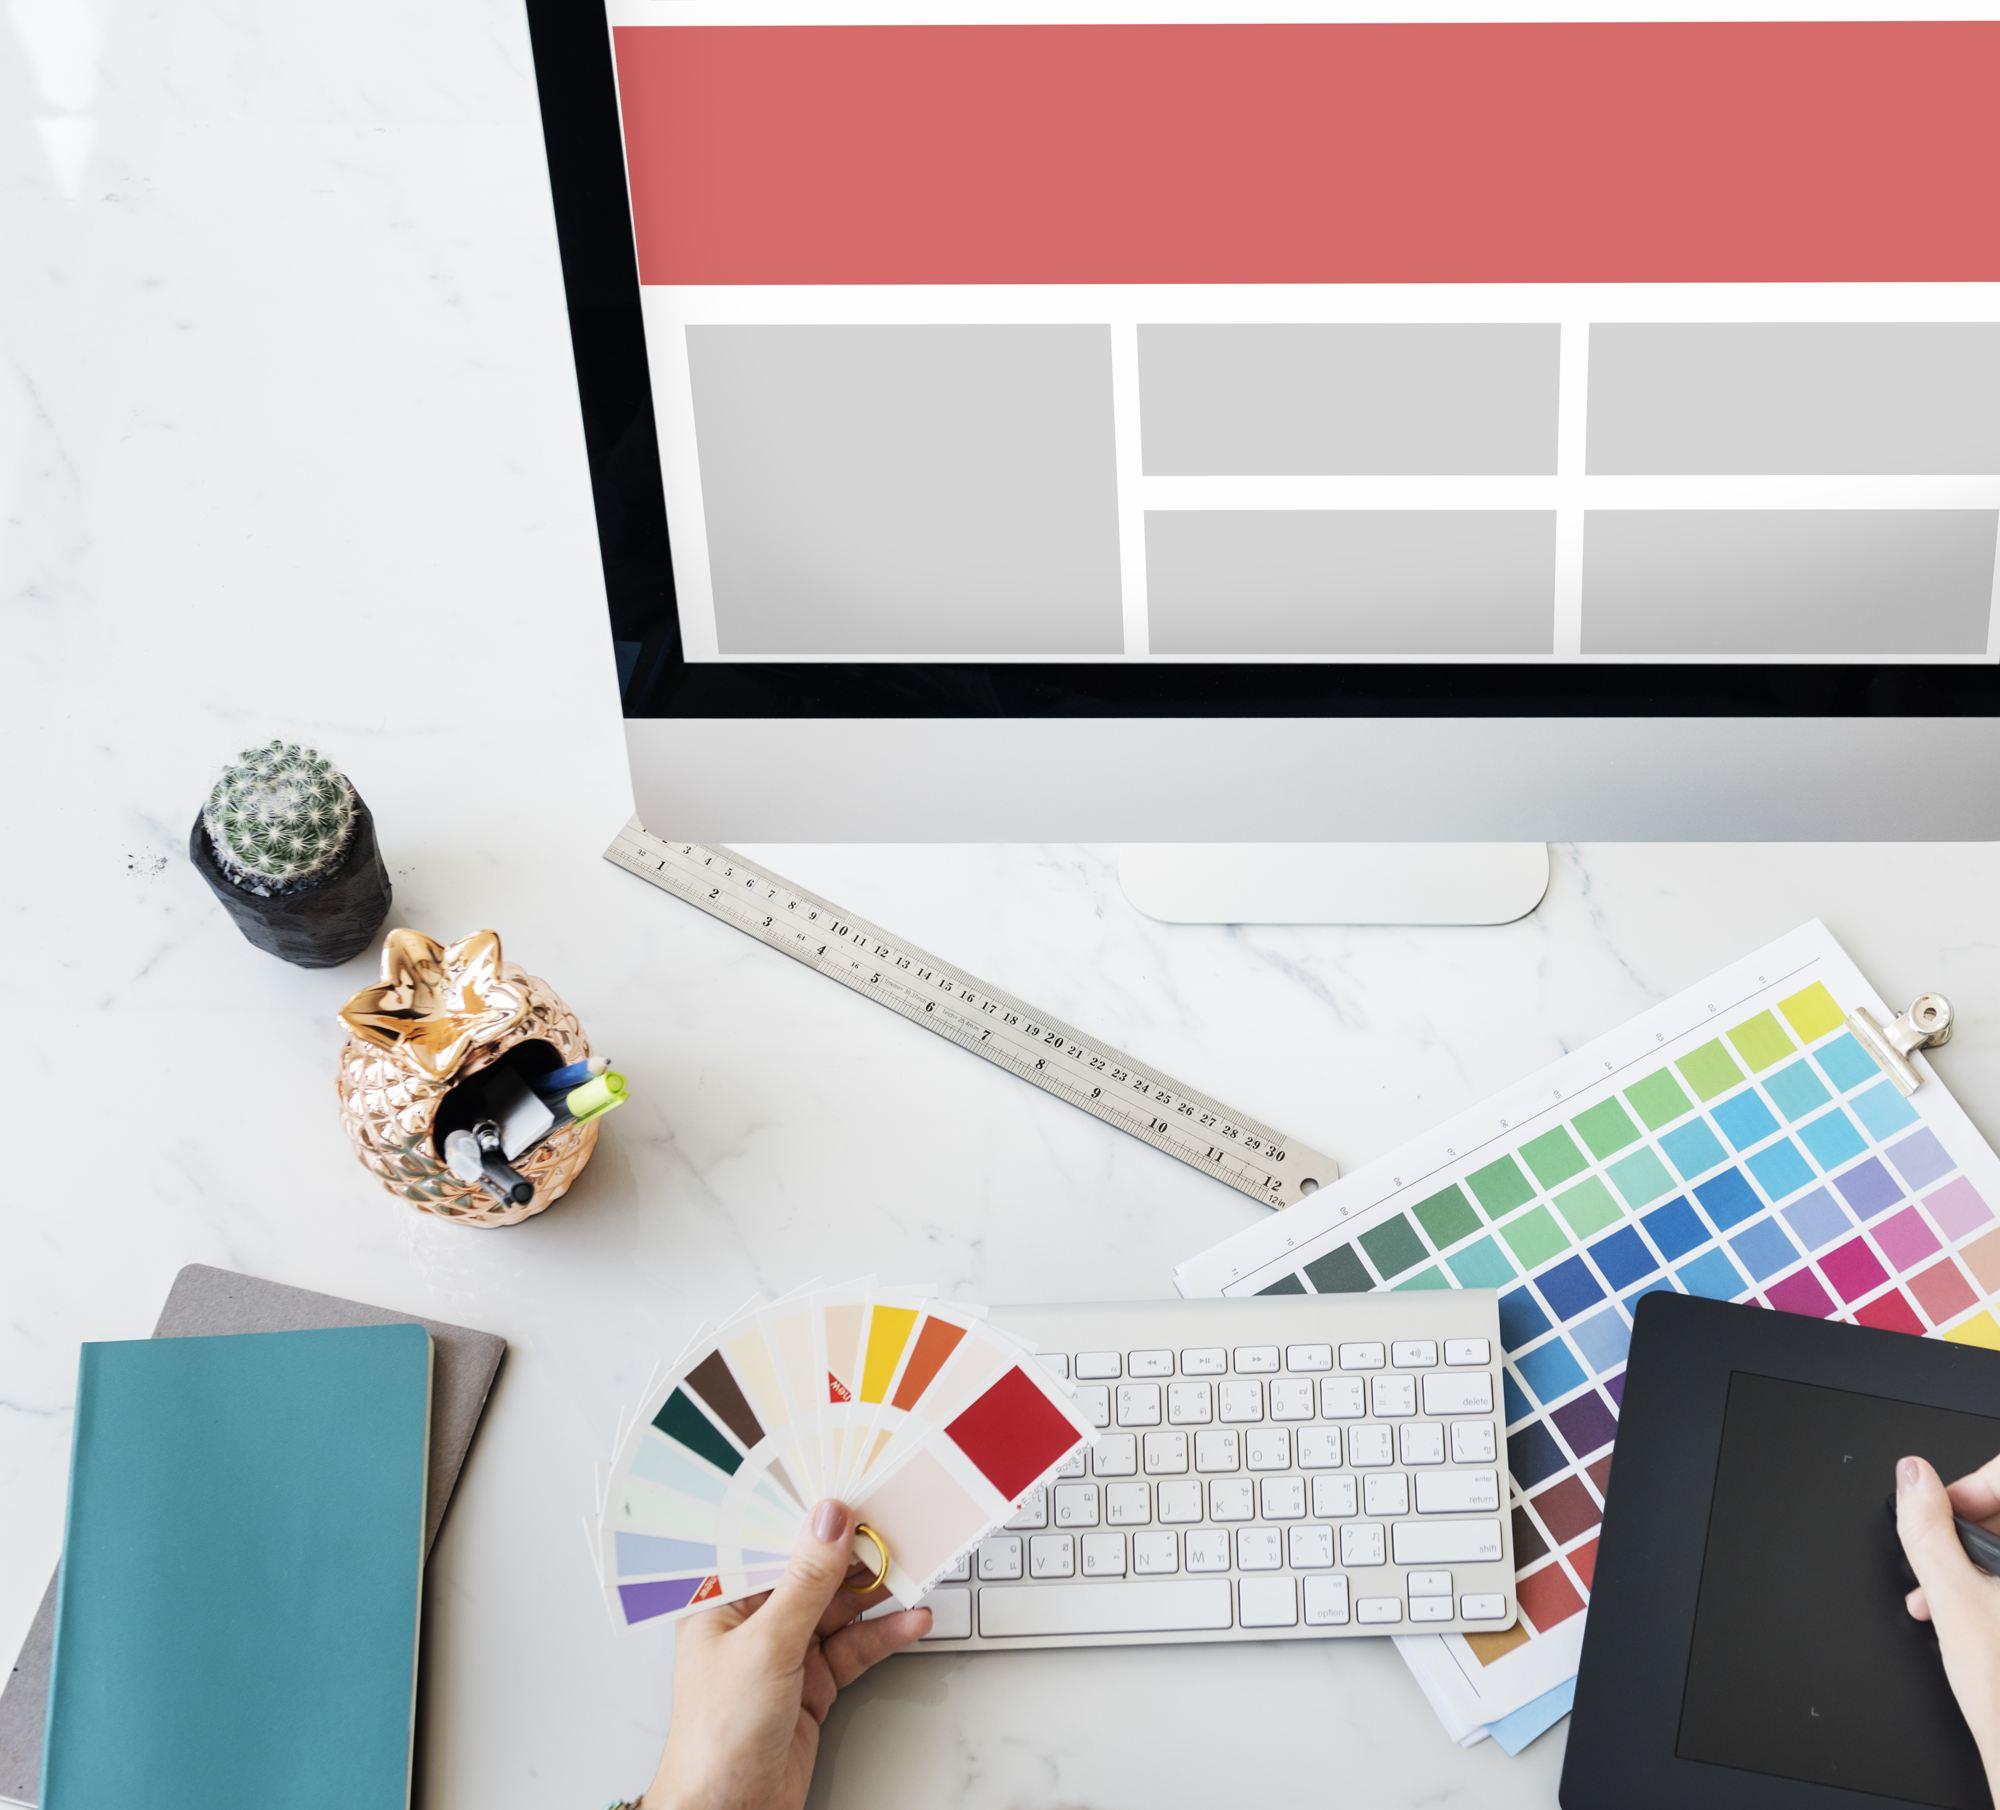 websi.club kurumsal web tasarım hizmetleri